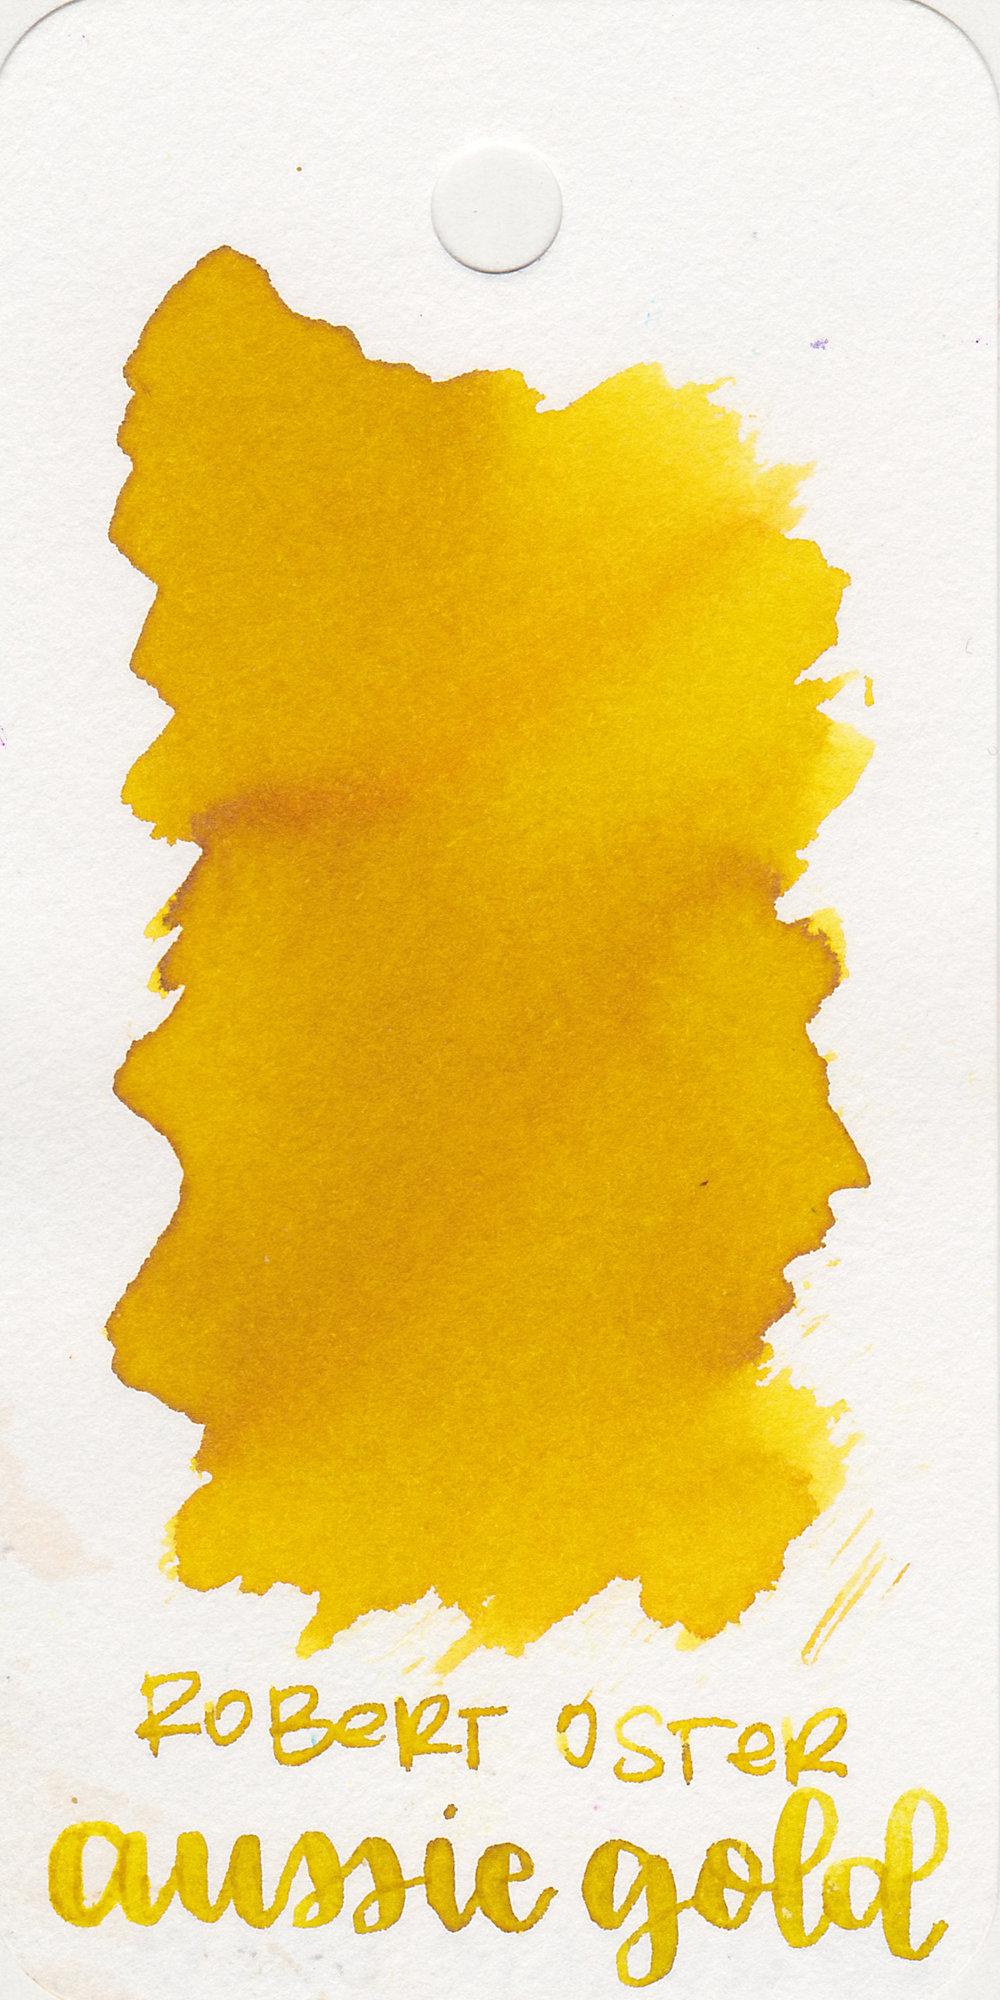 ro-aussie-gold-1.jpg